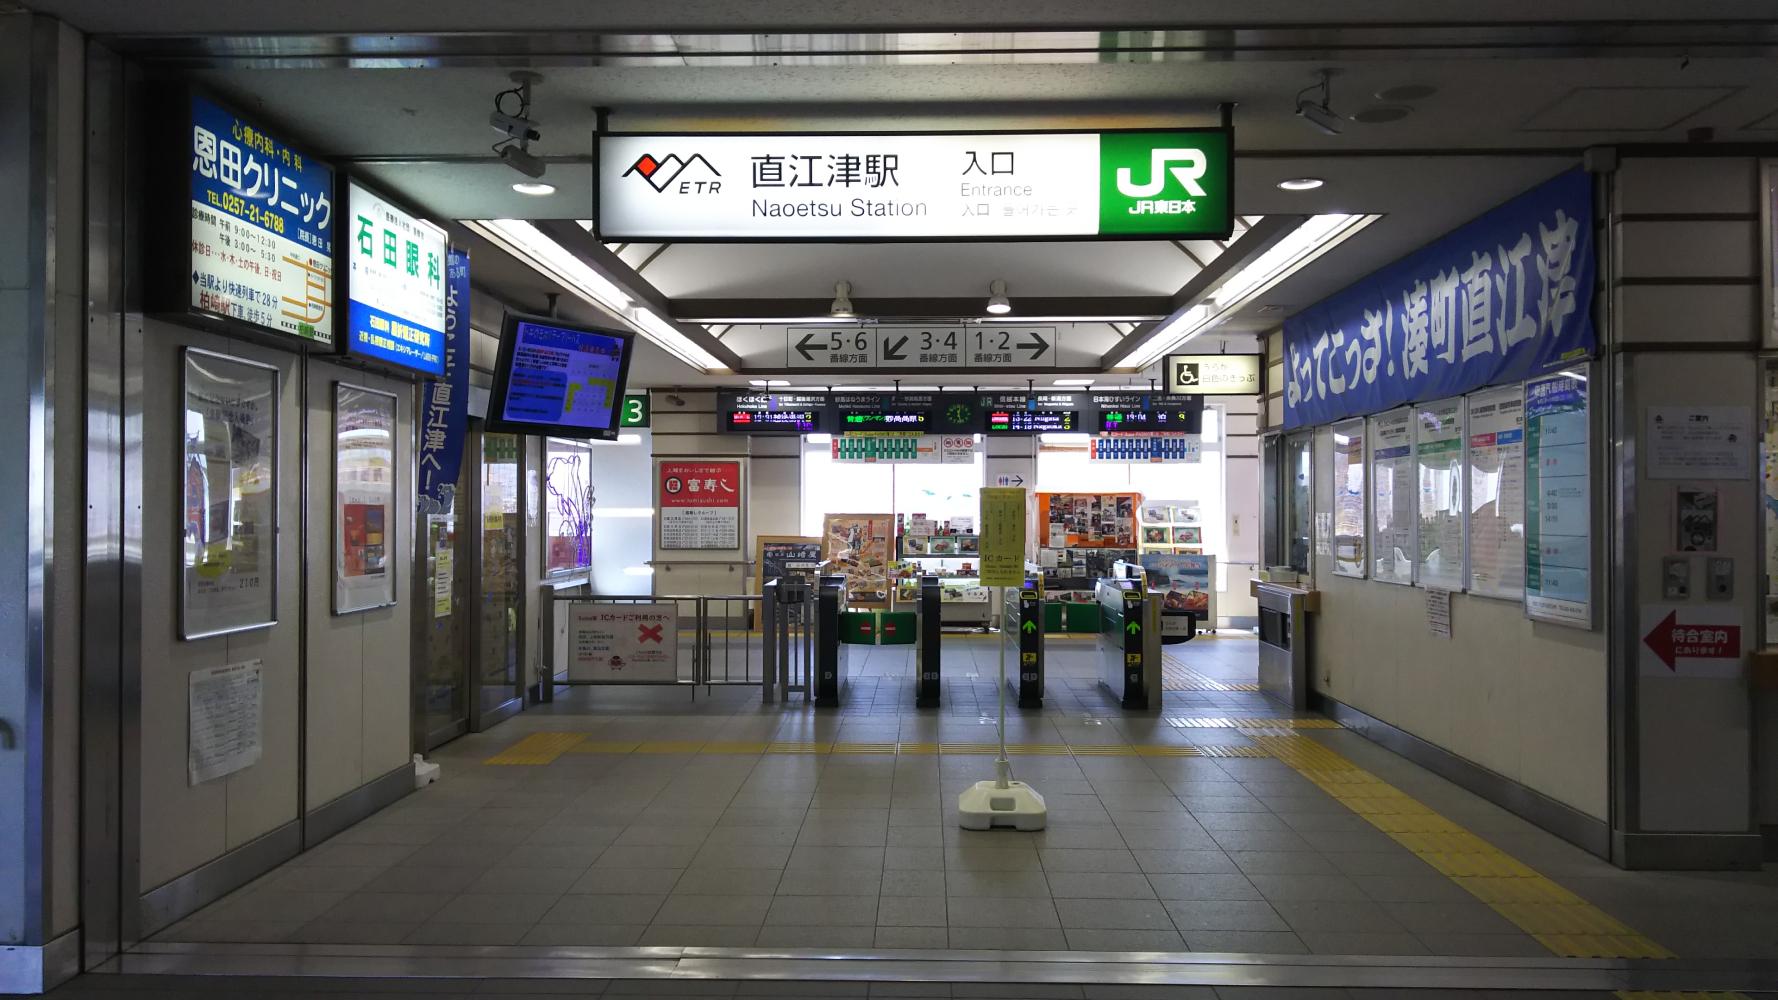 naoetsu_sta2-6.jpg